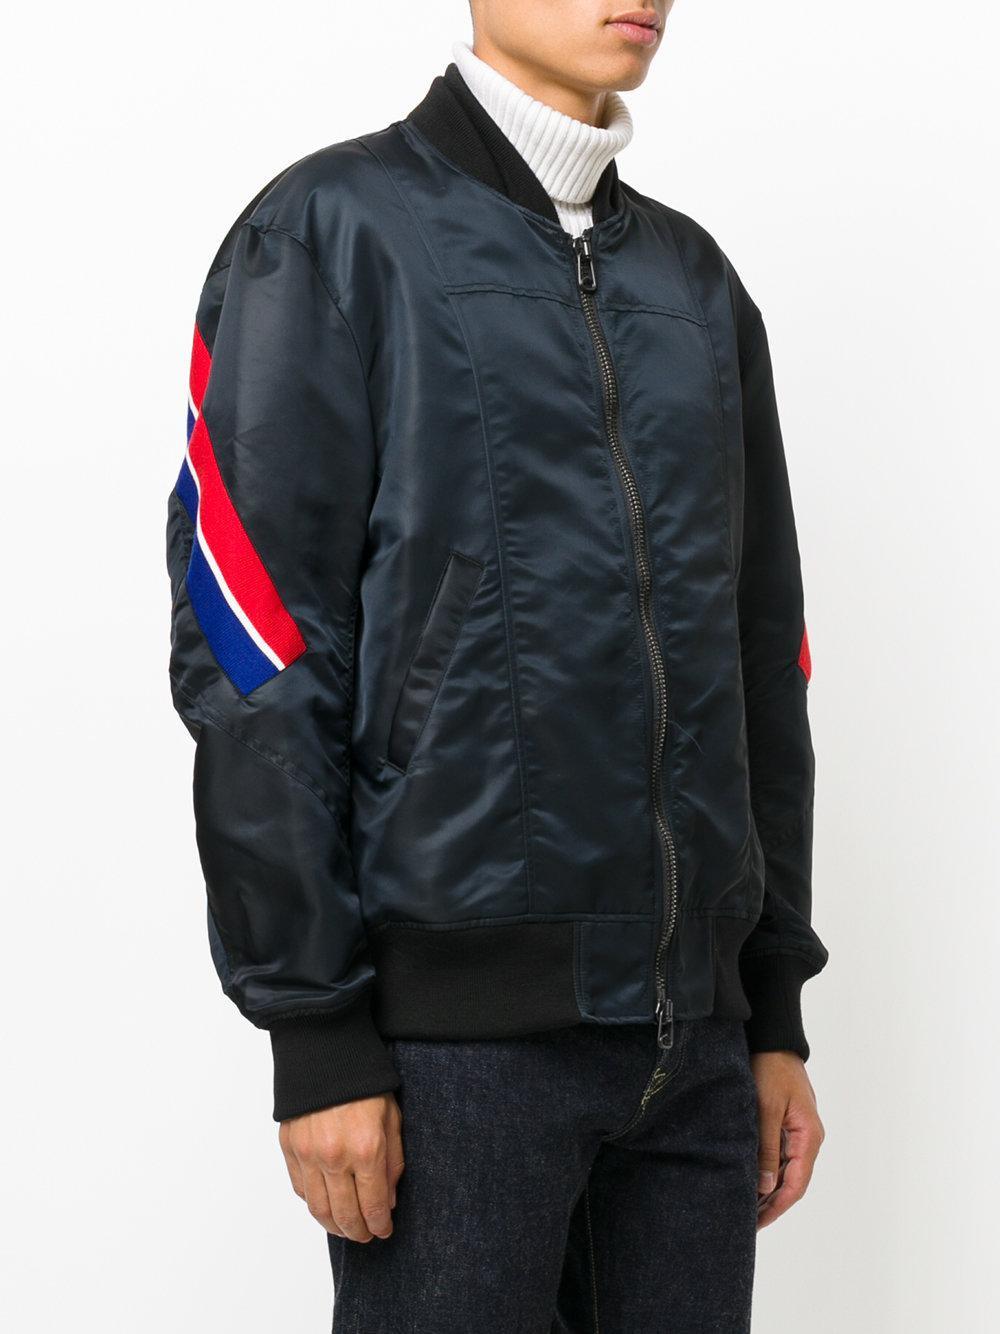 Facetasm Striped Bomber Jacket In Black For Men Lyst